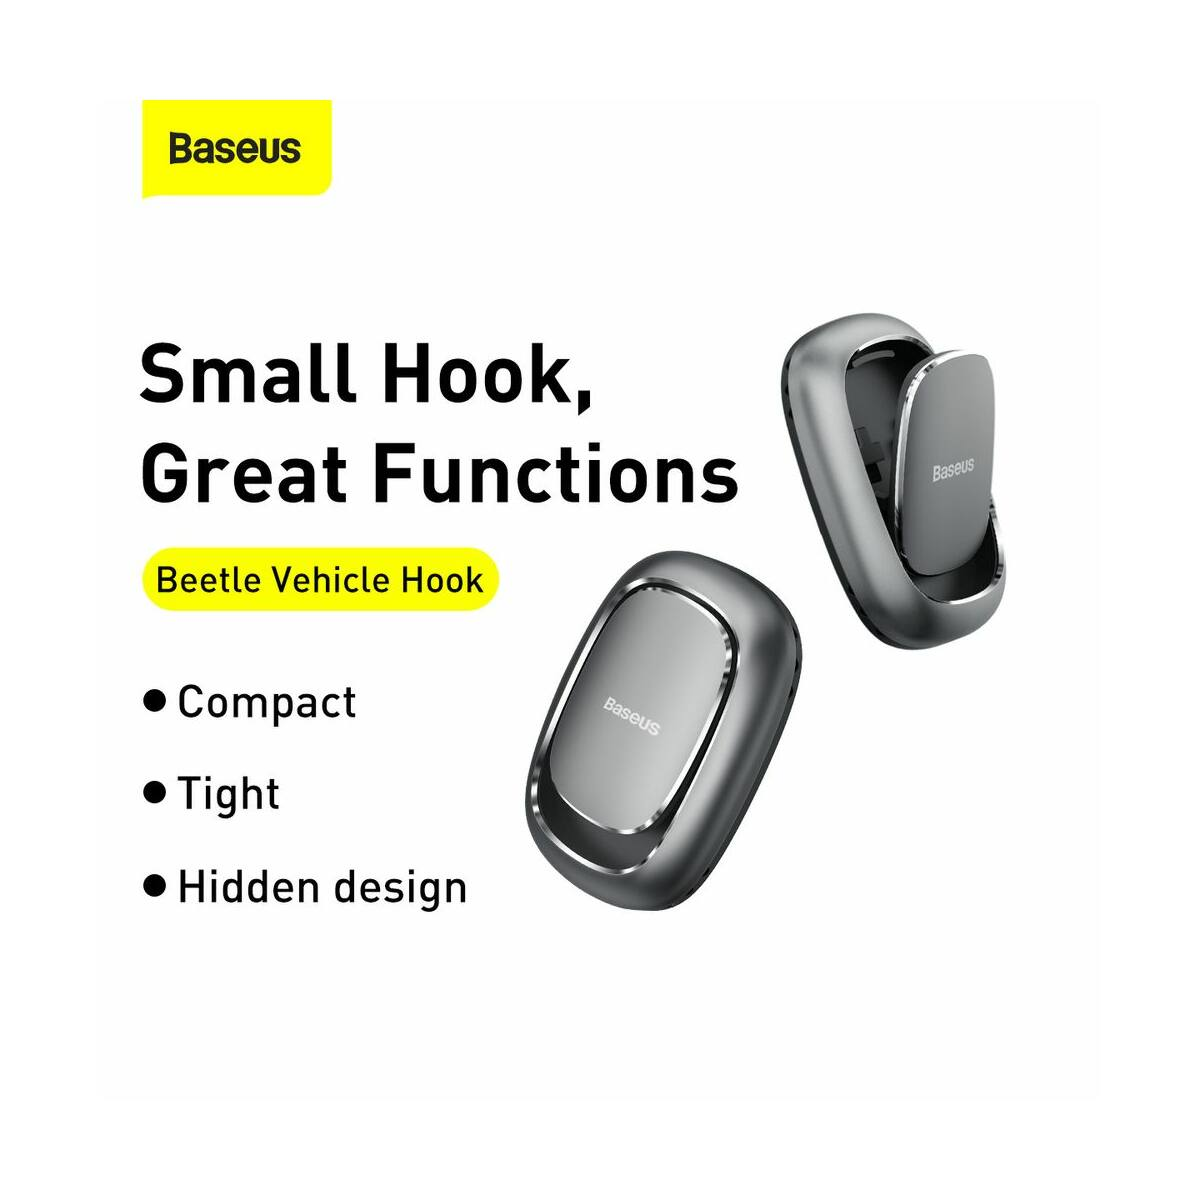 Baseus autós kiegészítő, Beetle, ragasztható fogas, sötét szürke (ACGGJK-0G)